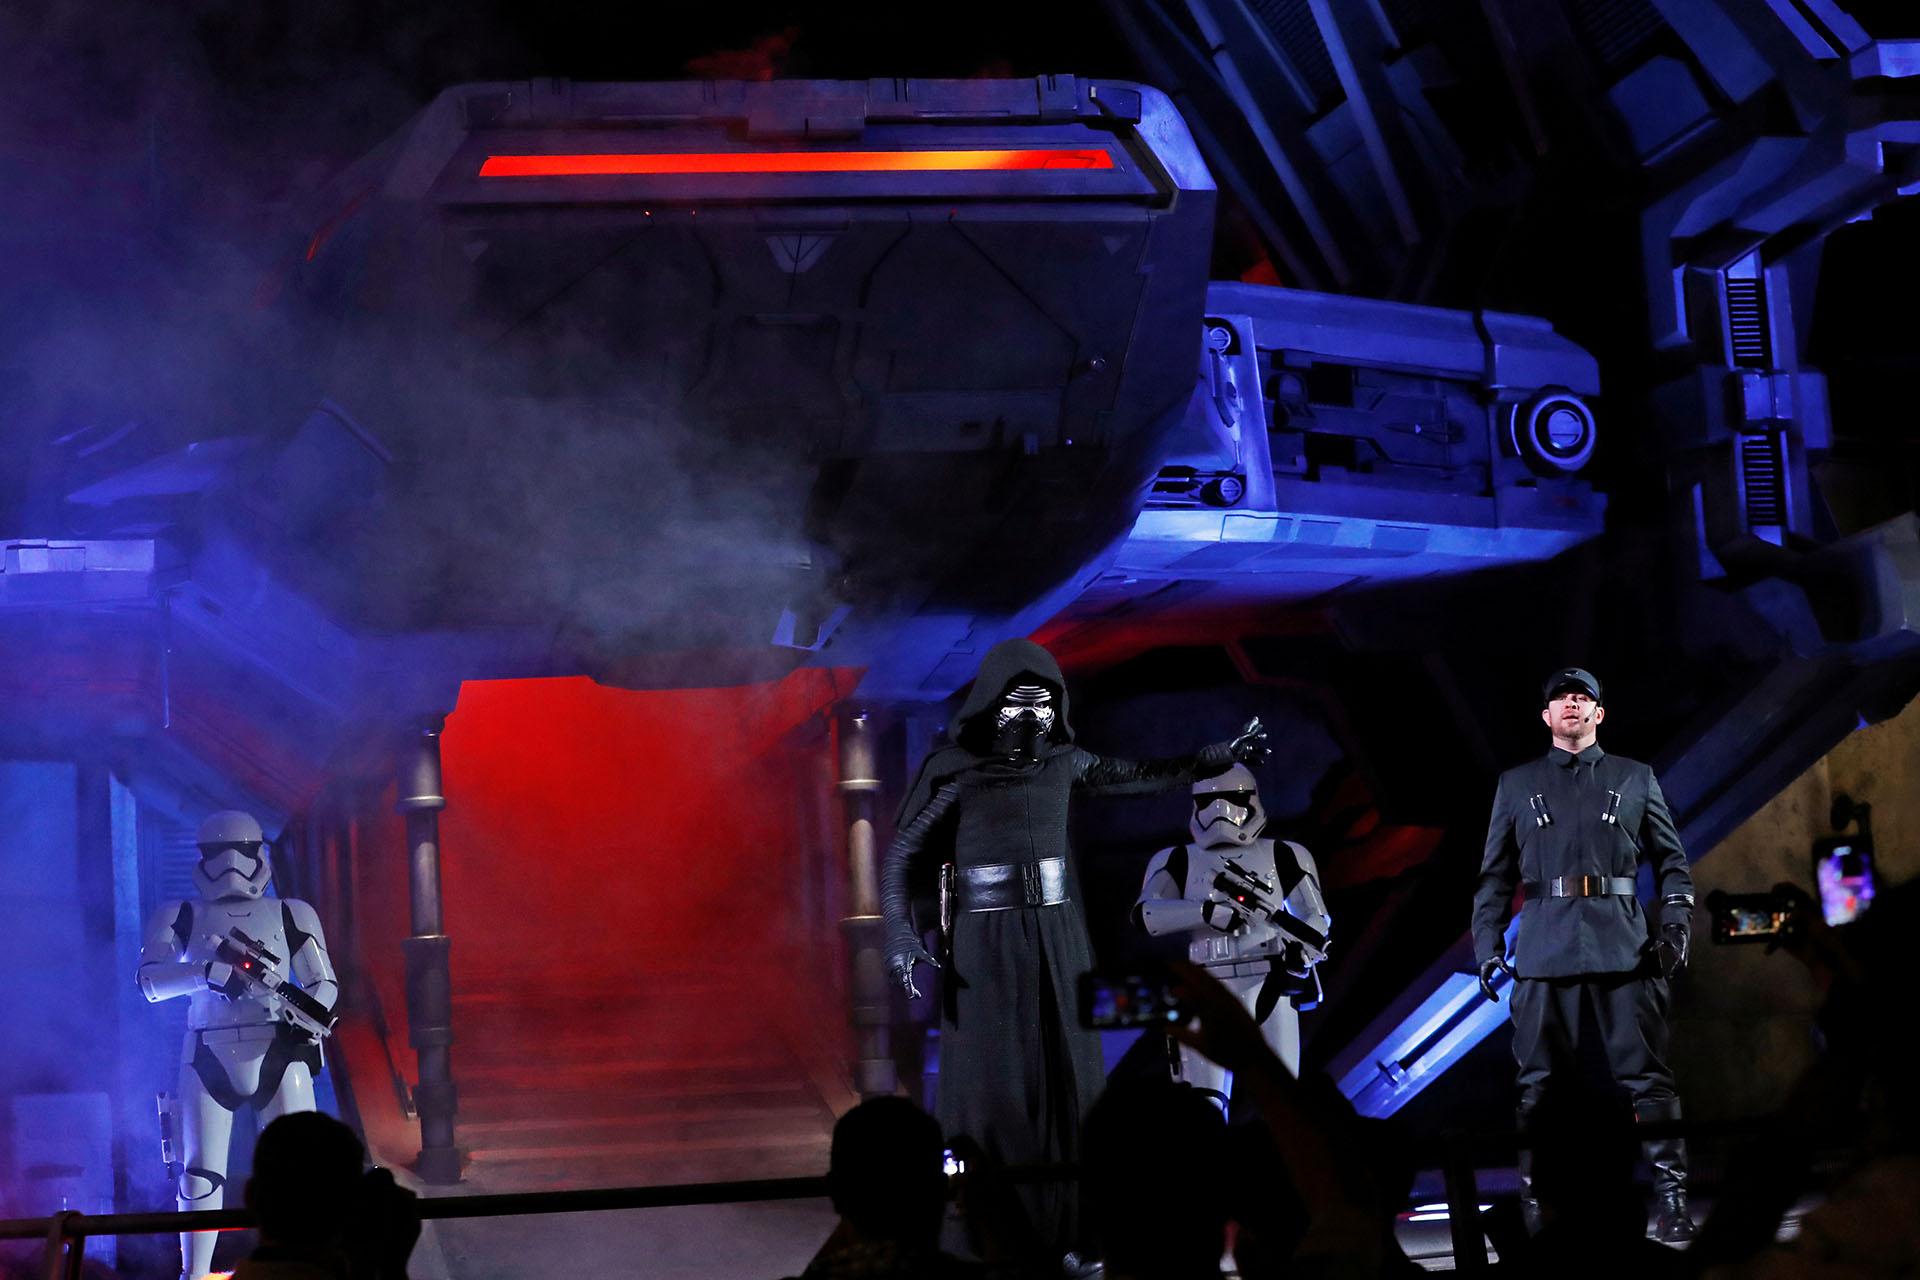 Empleados de Disneyland realizan una actuación para la presentación del nuevo parque de Disneyland